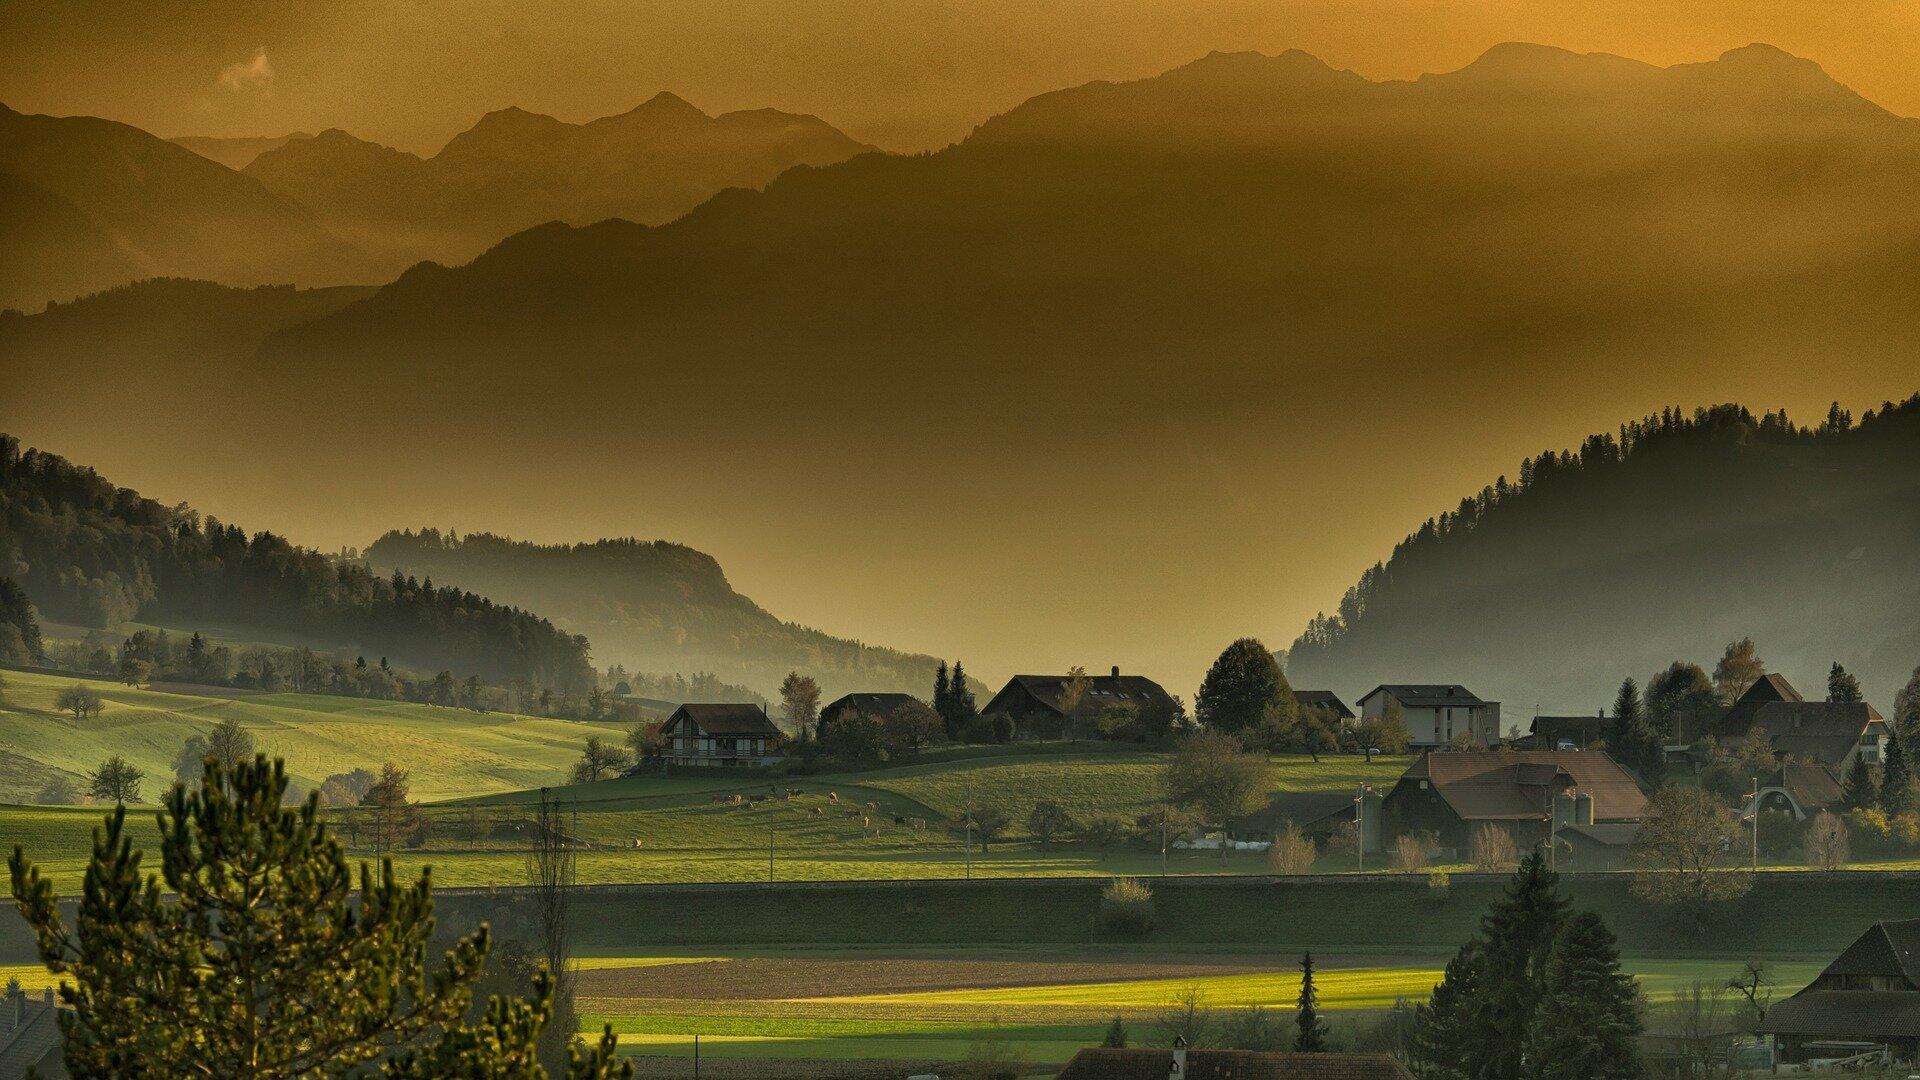 Zabudowania wiejskie stojące wśród zielonych pól. Pośród domów stoją drzewa, na łące pasą się zwierzęta. Wbliskim tle, są pola ilasy na zboczach wzgórz, adaleko wtle są szczyty wysokich gór iskał.